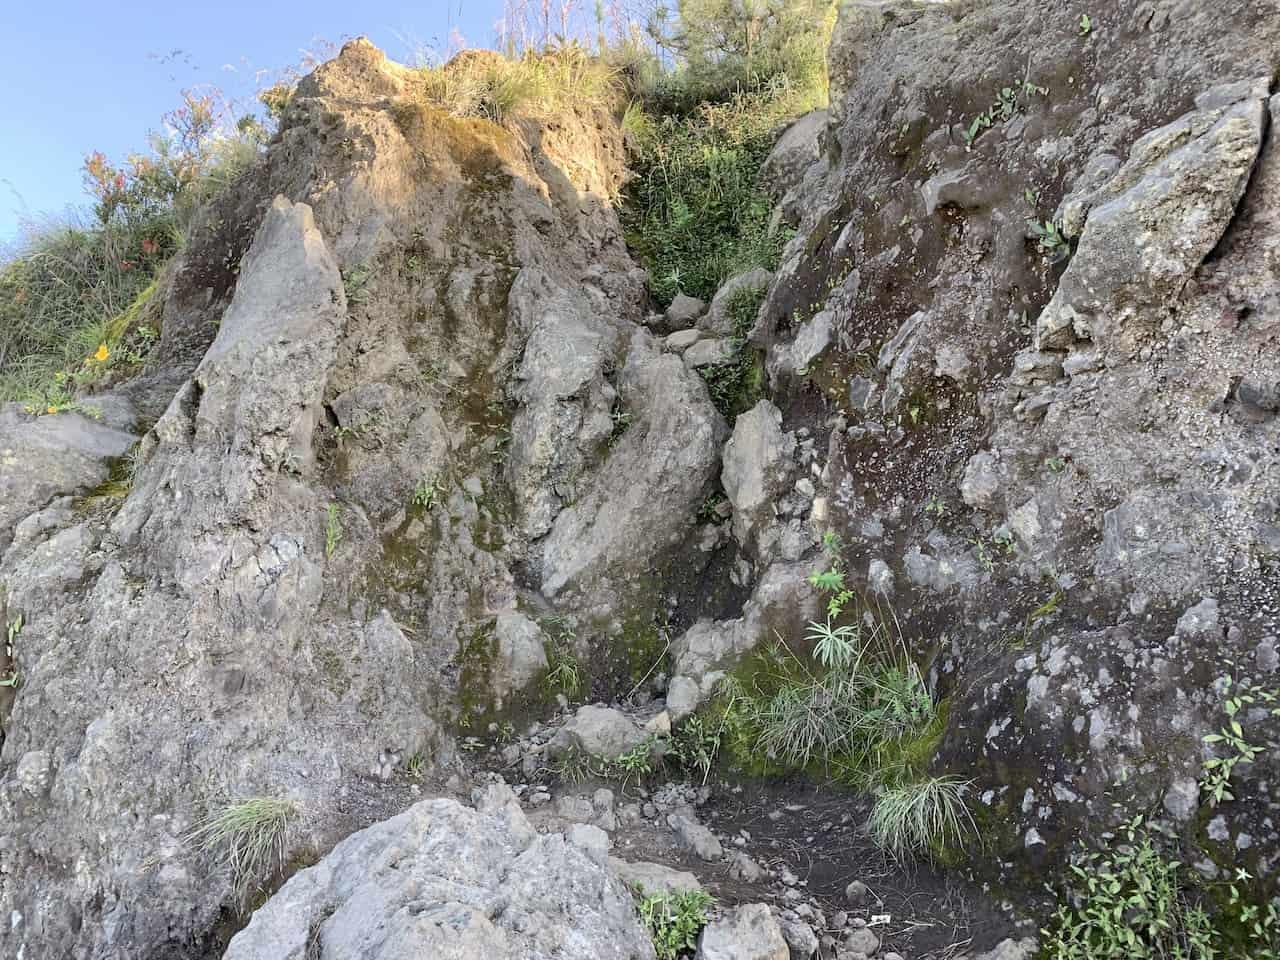 Seruni Point Hiking Path